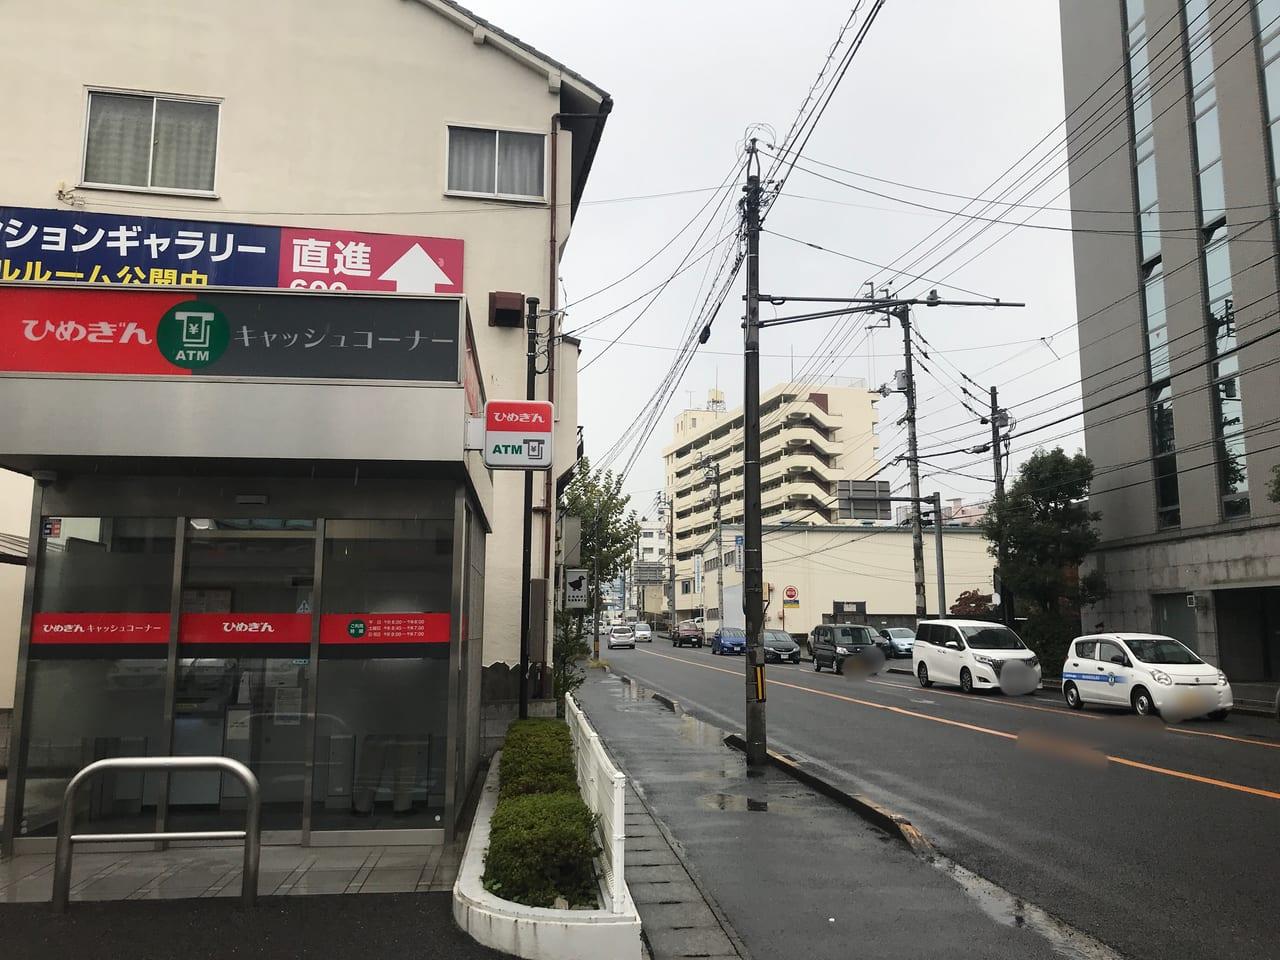 銀行 四国 十 愛媛 八 カ所 支店 八